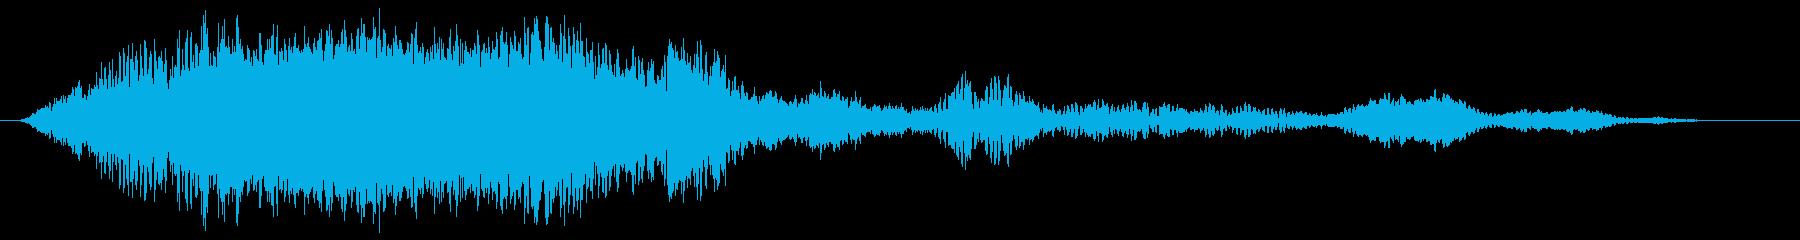 綺麗な幻想的宇宙サウンド/企業ロゴの再生済みの波形